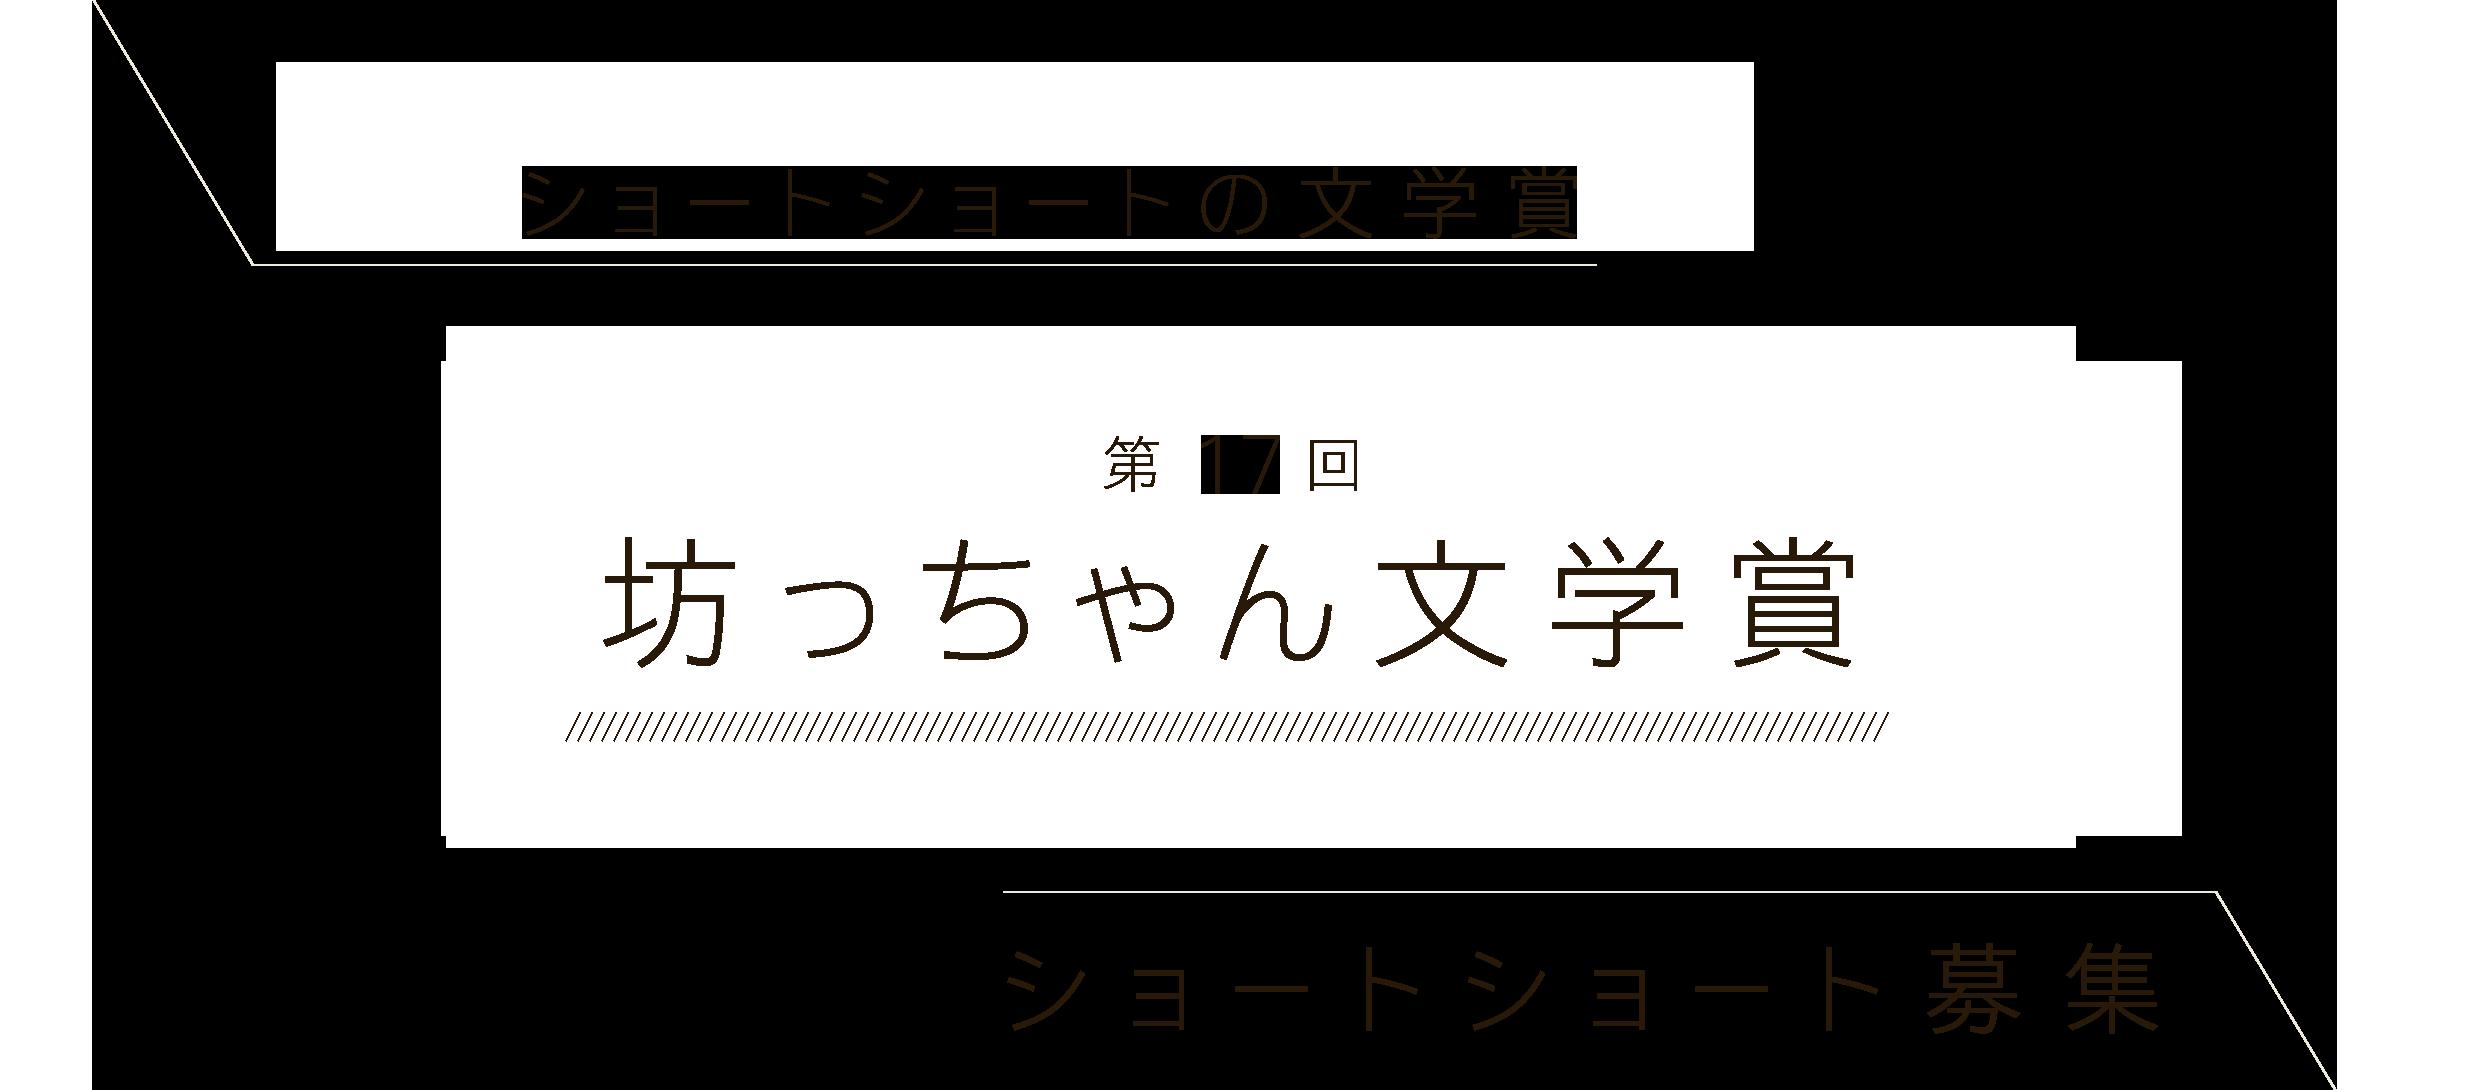 文学 賞 坊っちゃん